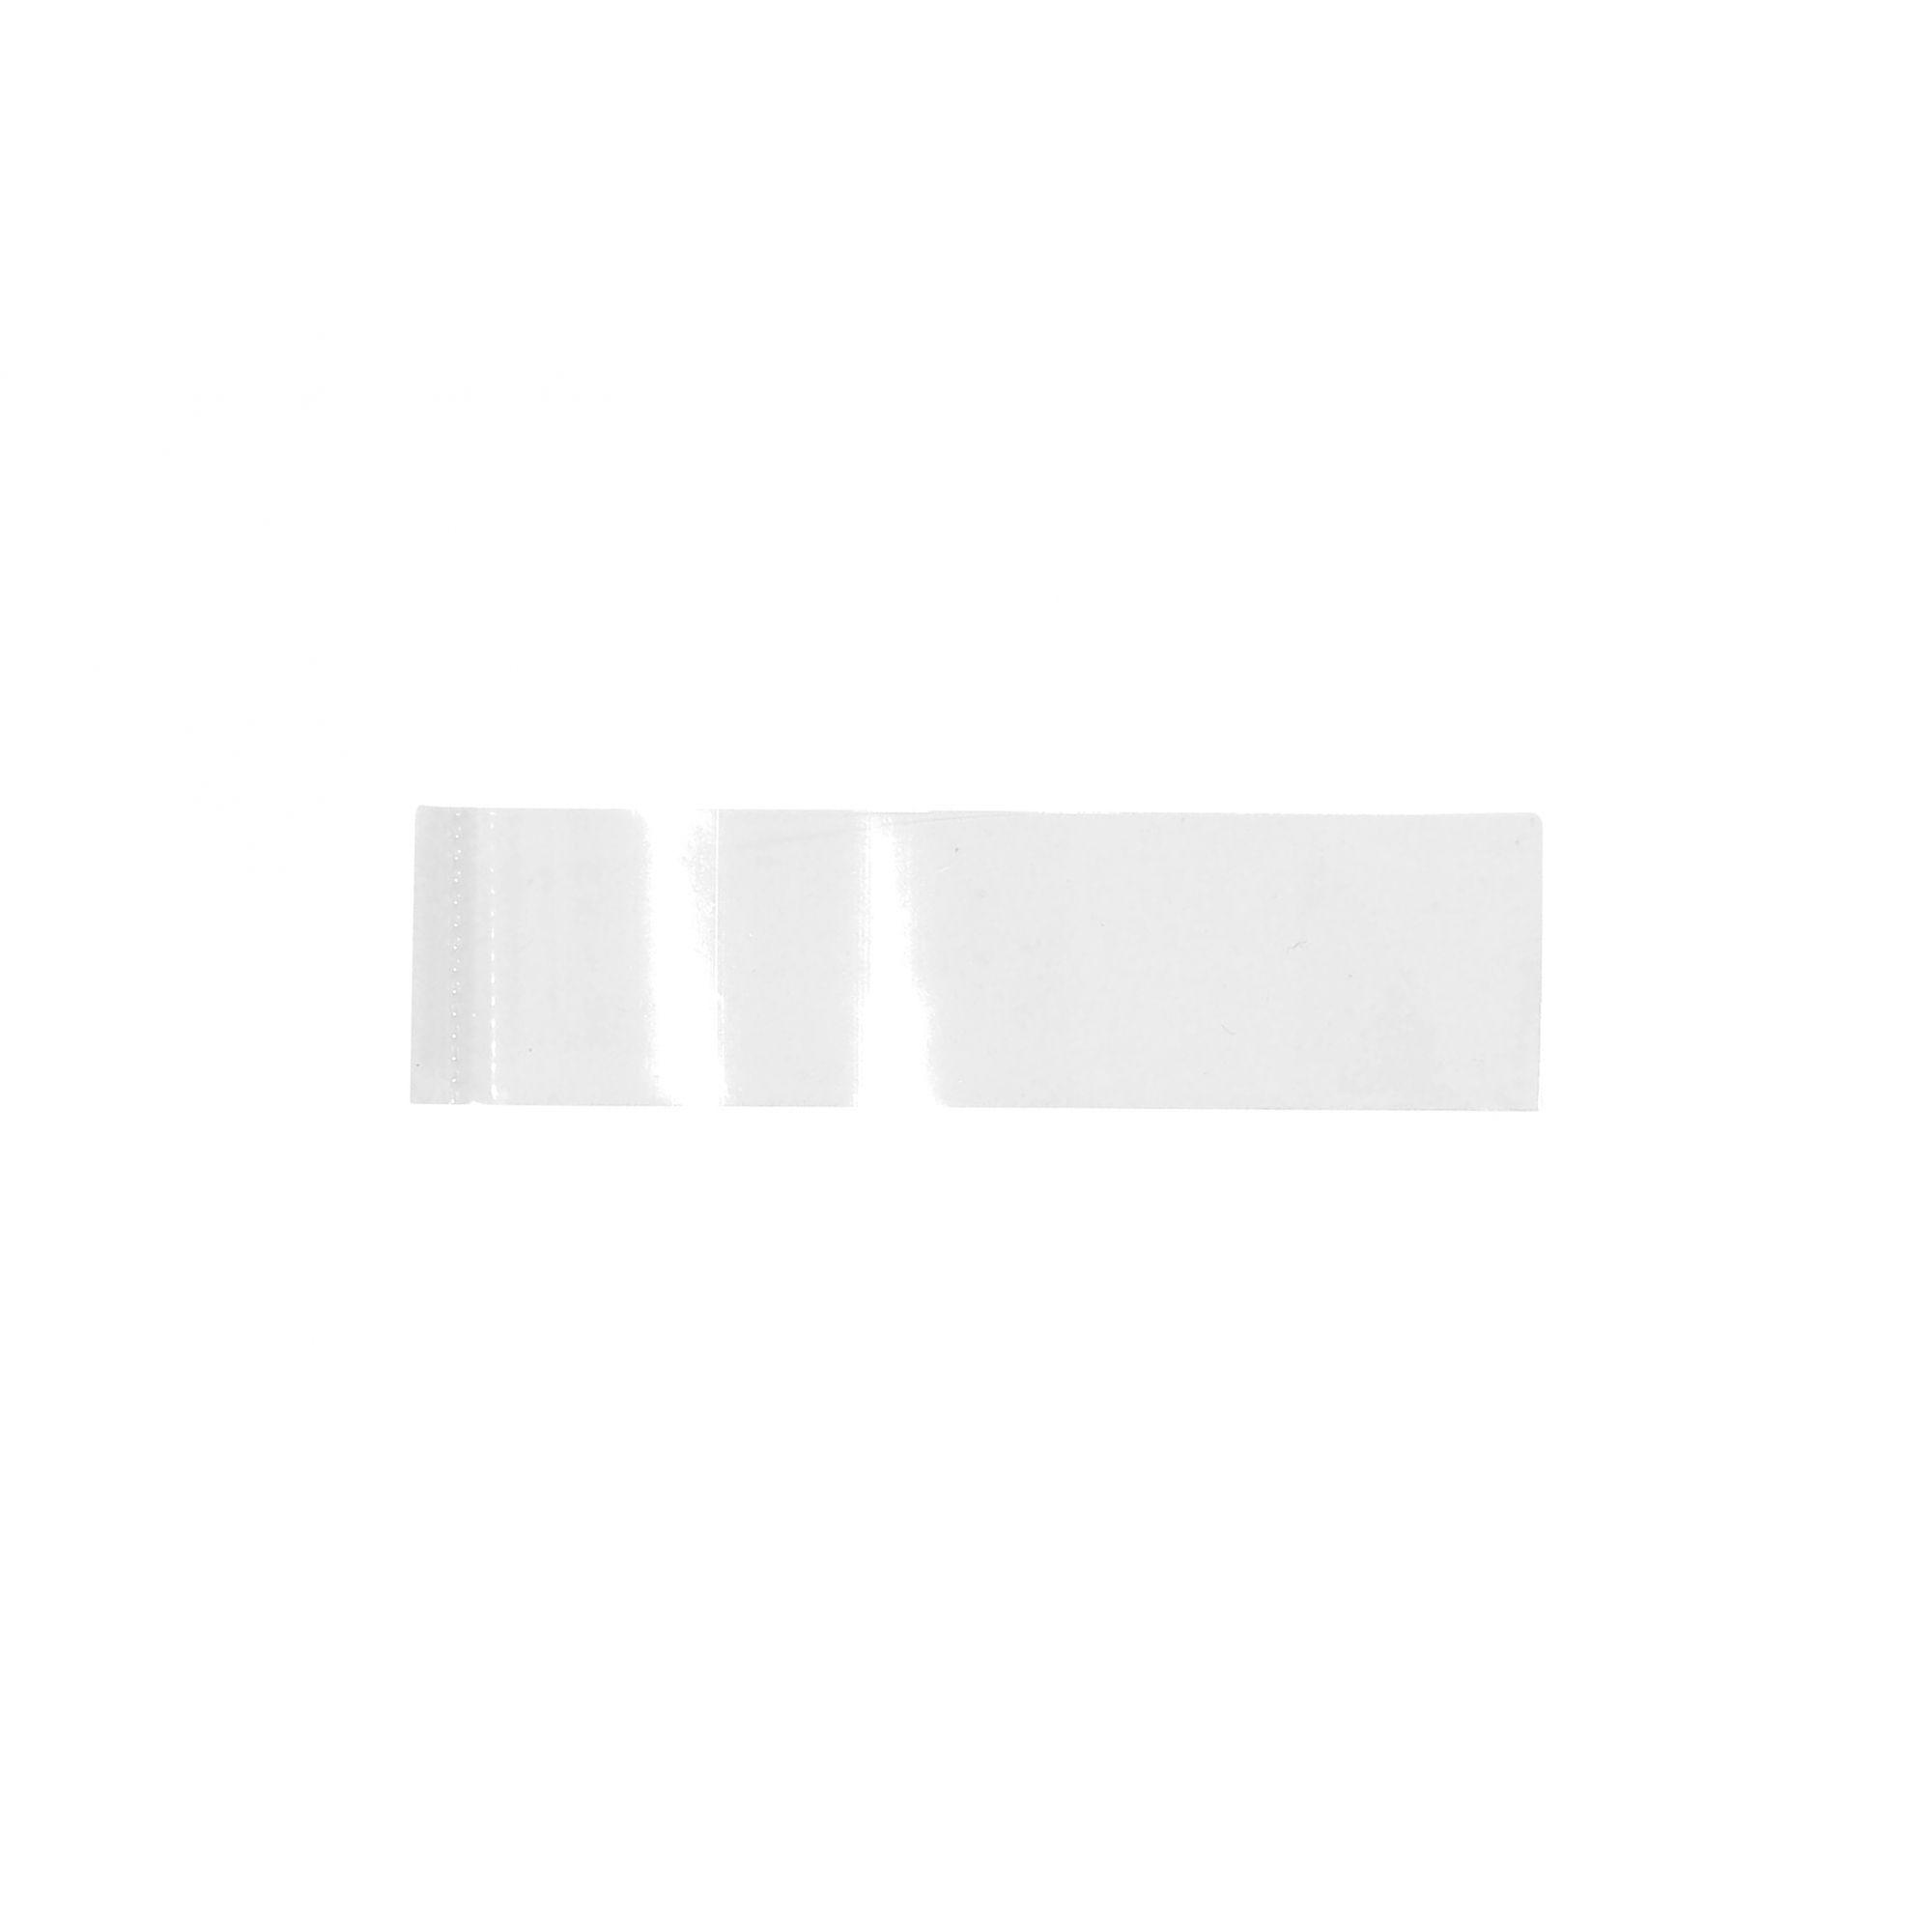 Lacre Termoencolhível 63mm Incolor - Kit com 1000 Unidades